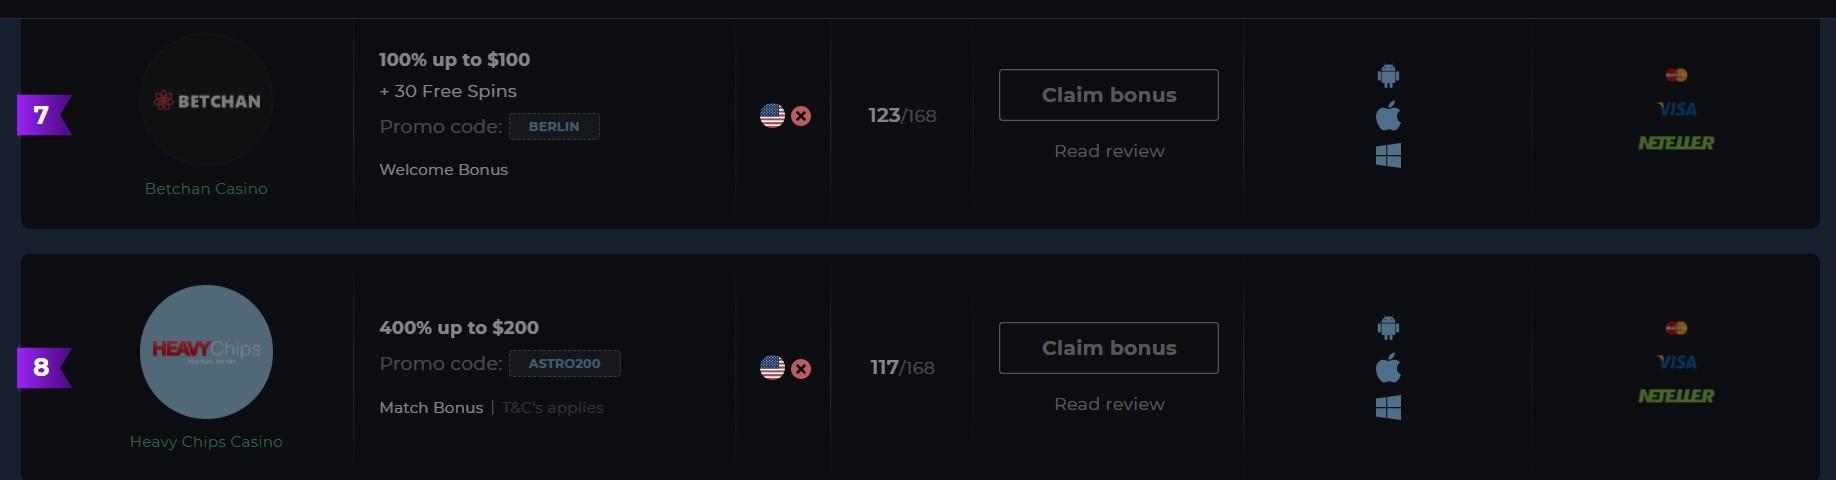 How to Claim 45 Dollars Bonus